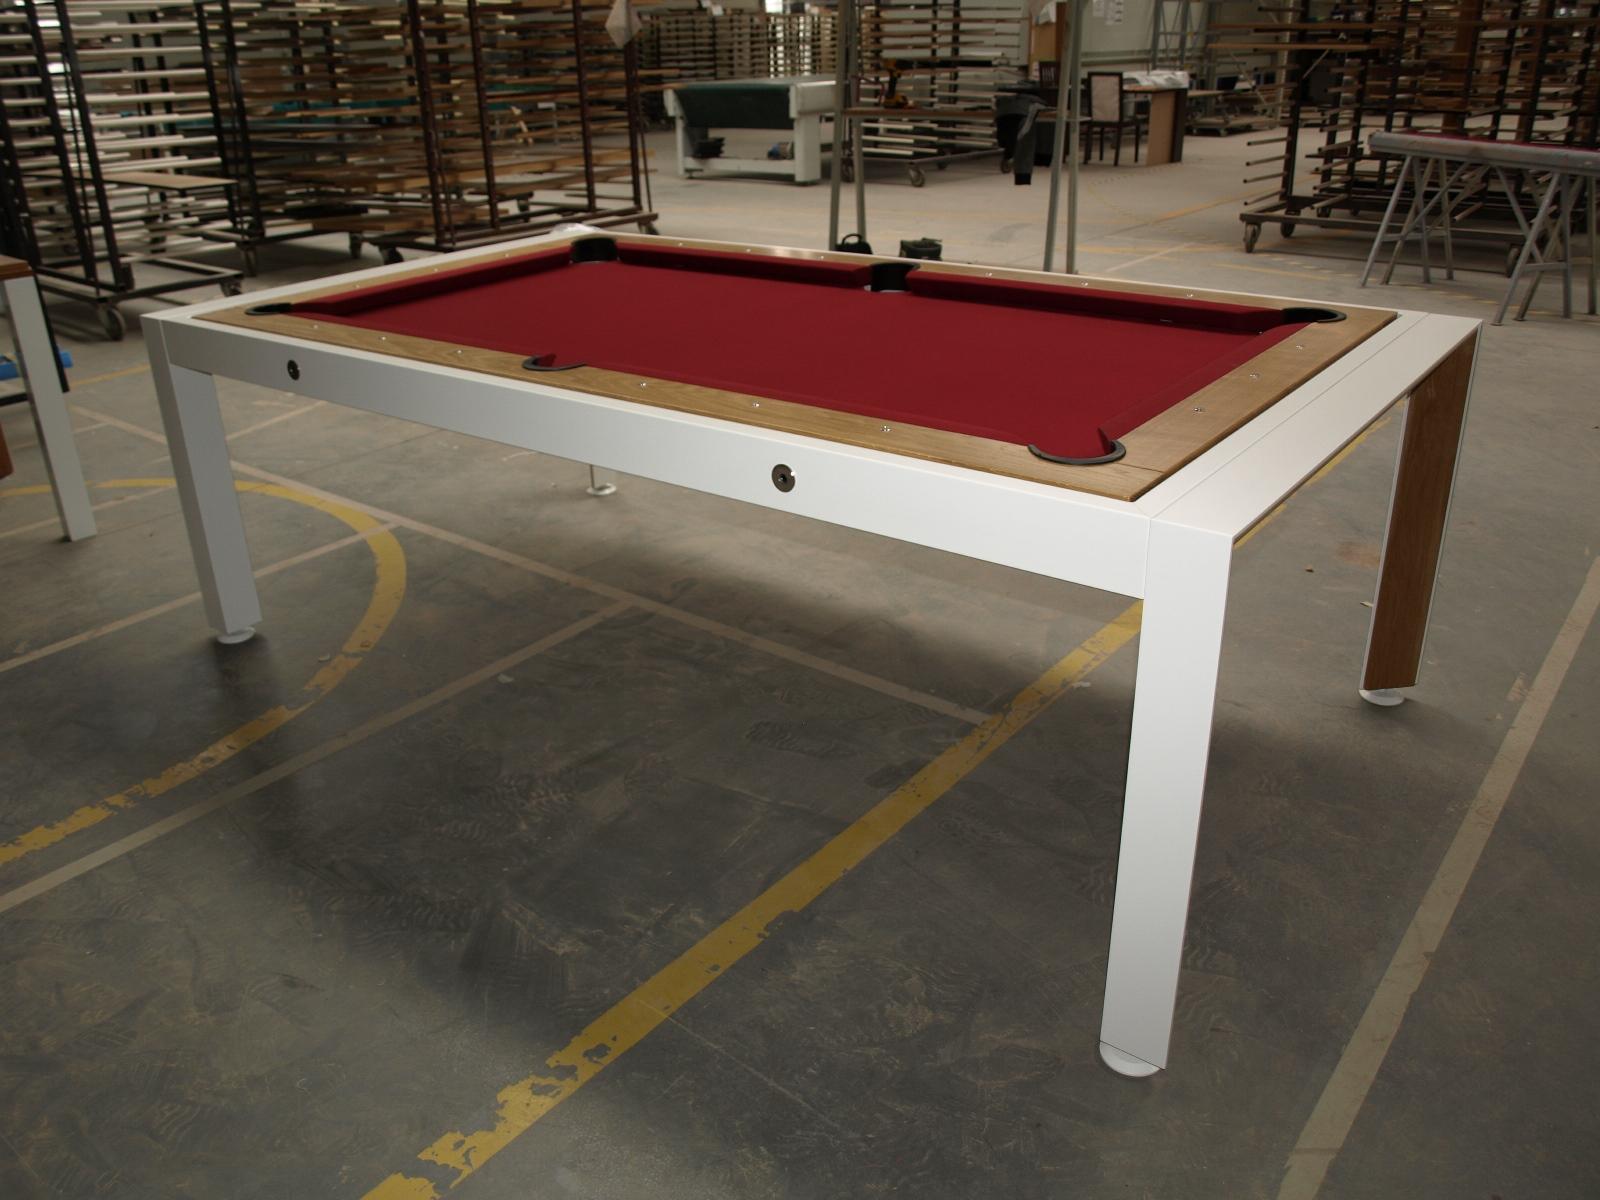 billardtisch esstisch drehbar vienna 180 poolbillard. Black Bedroom Furniture Sets. Home Design Ideas